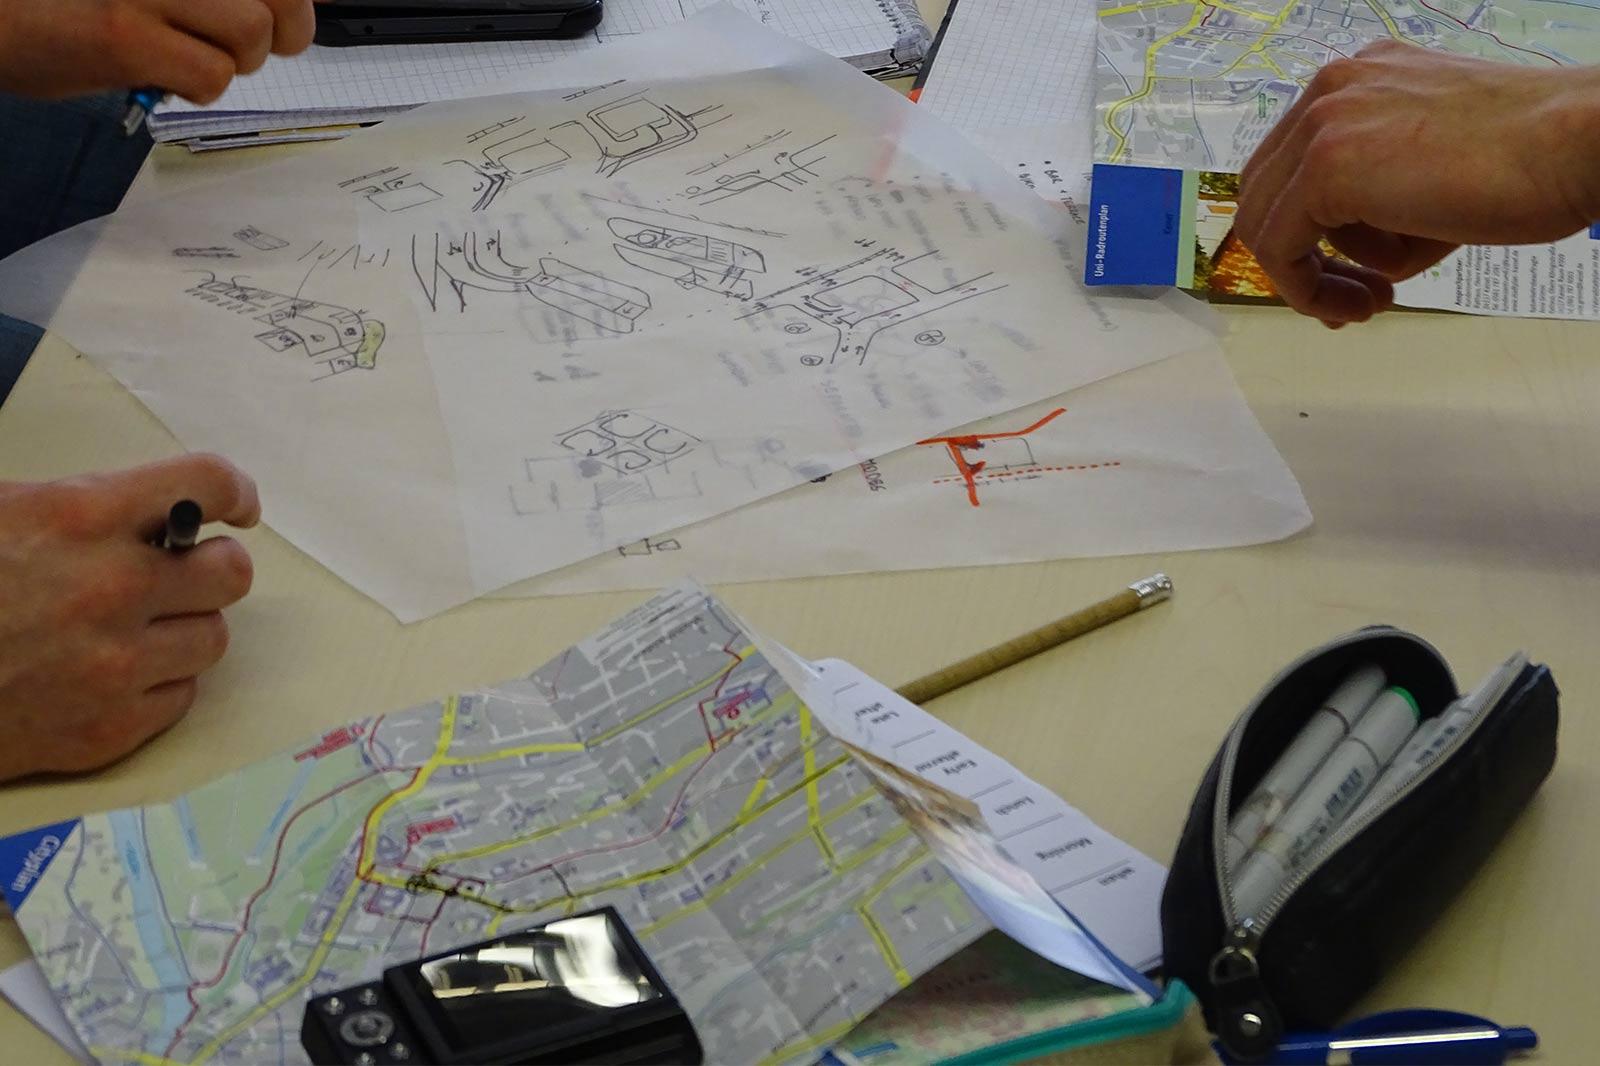 Nahaufnahme einer Schreibtischoberfläche auf der Pläne und Skizzen liegen.